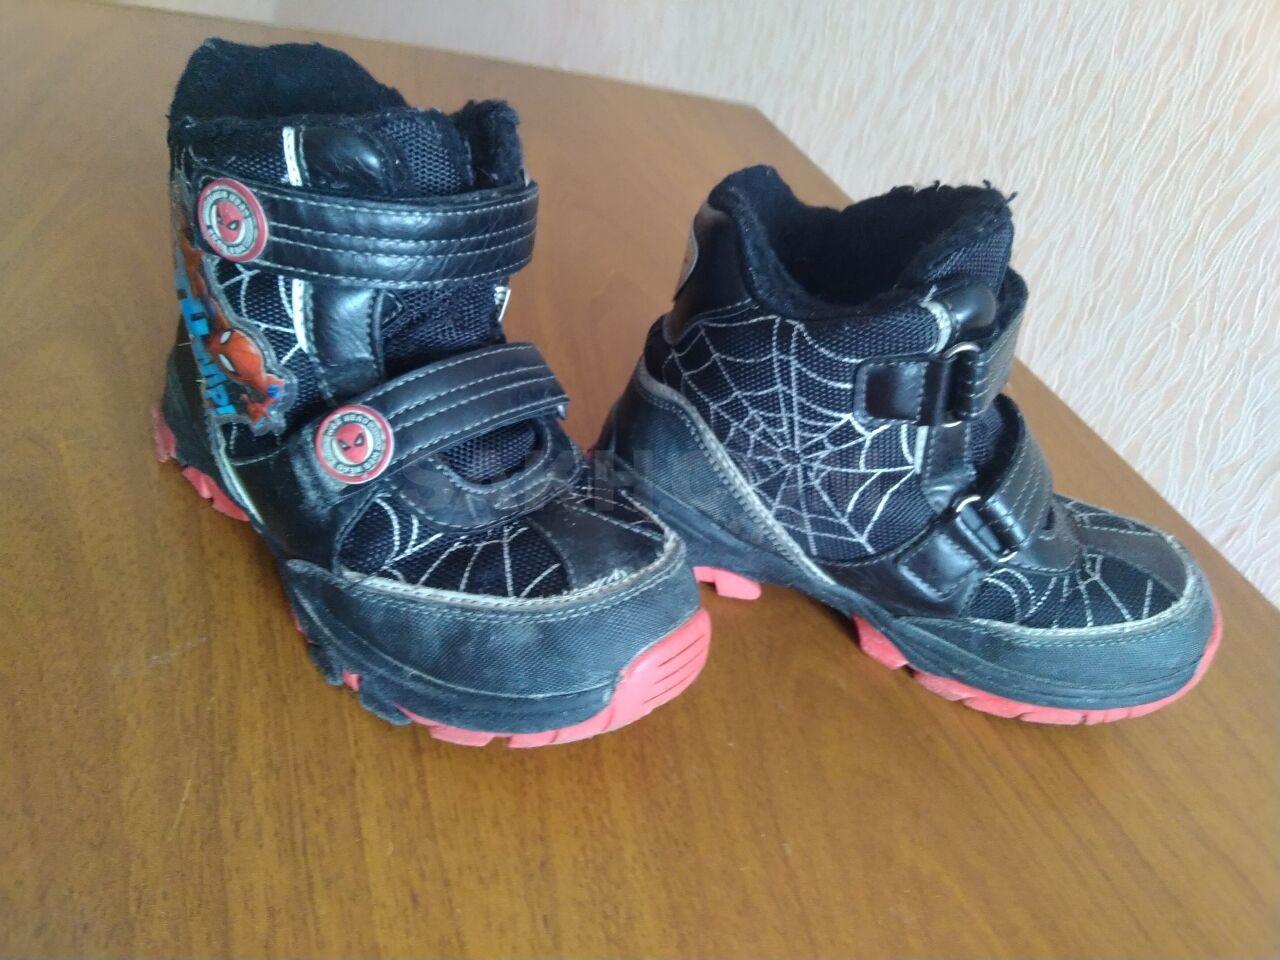 c45a6044 Продам зимние ботинки на мальчика размер 30. Жалко выкинуть,нам малы.